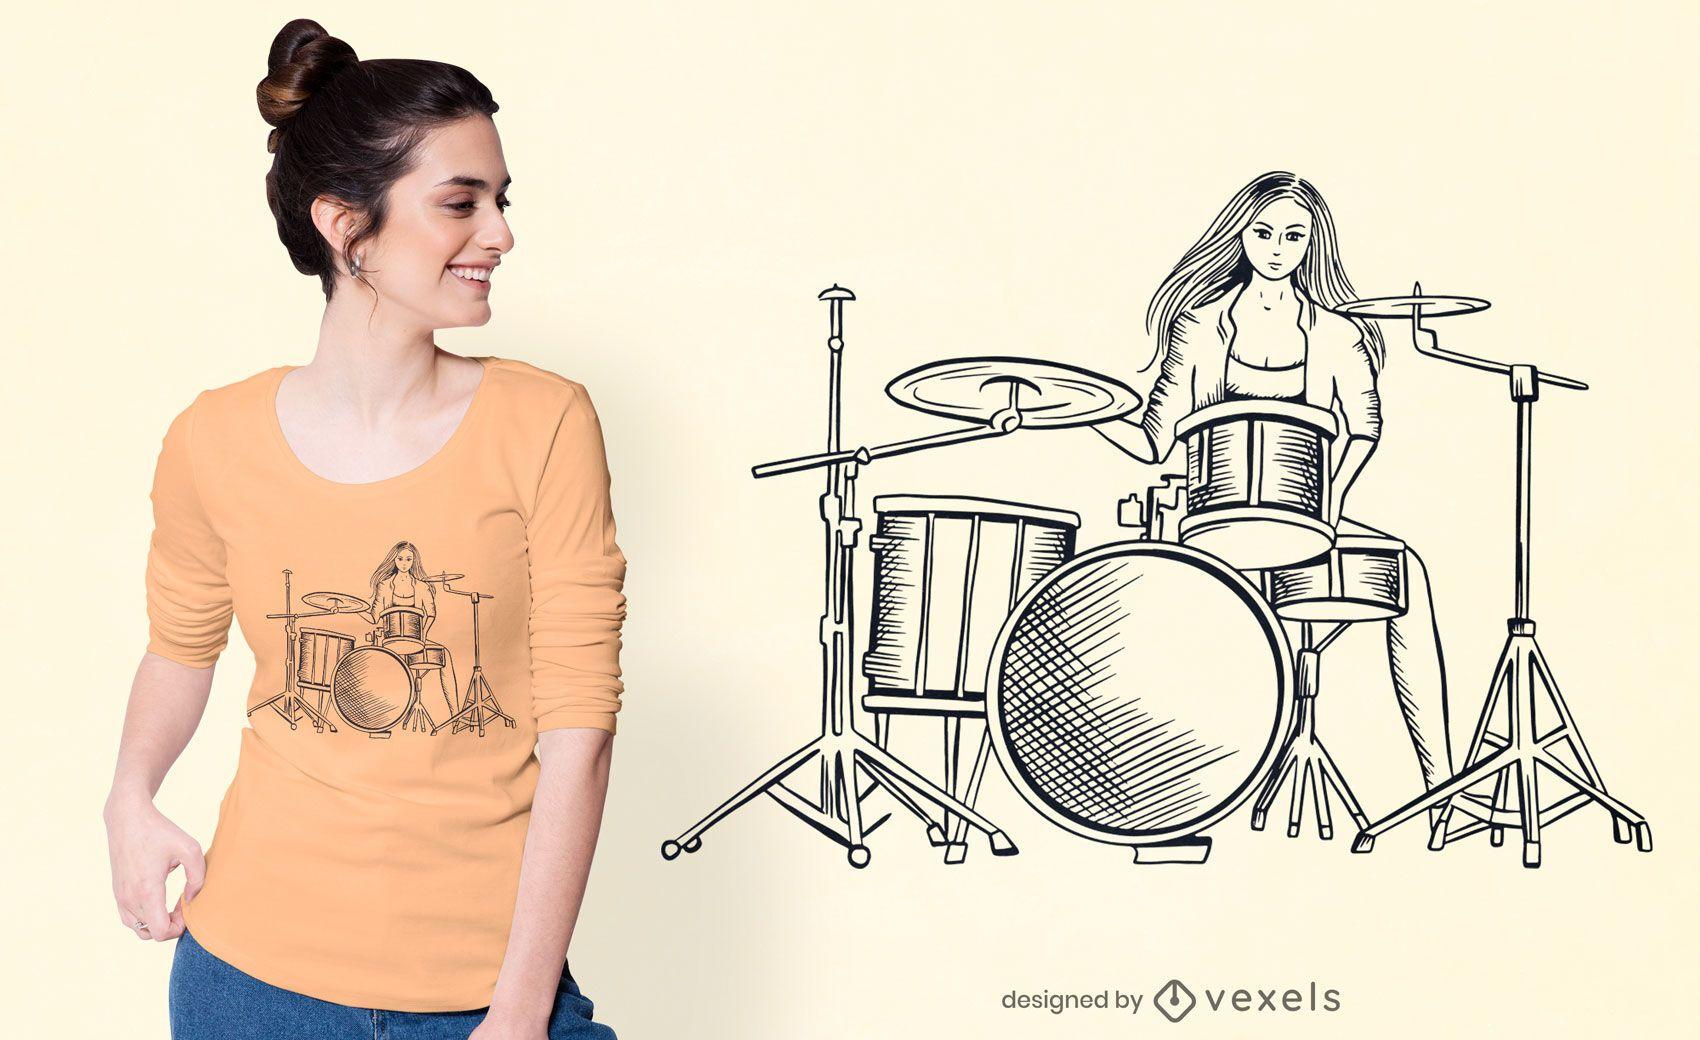 Dise?o de camiseta de ni?a baterista